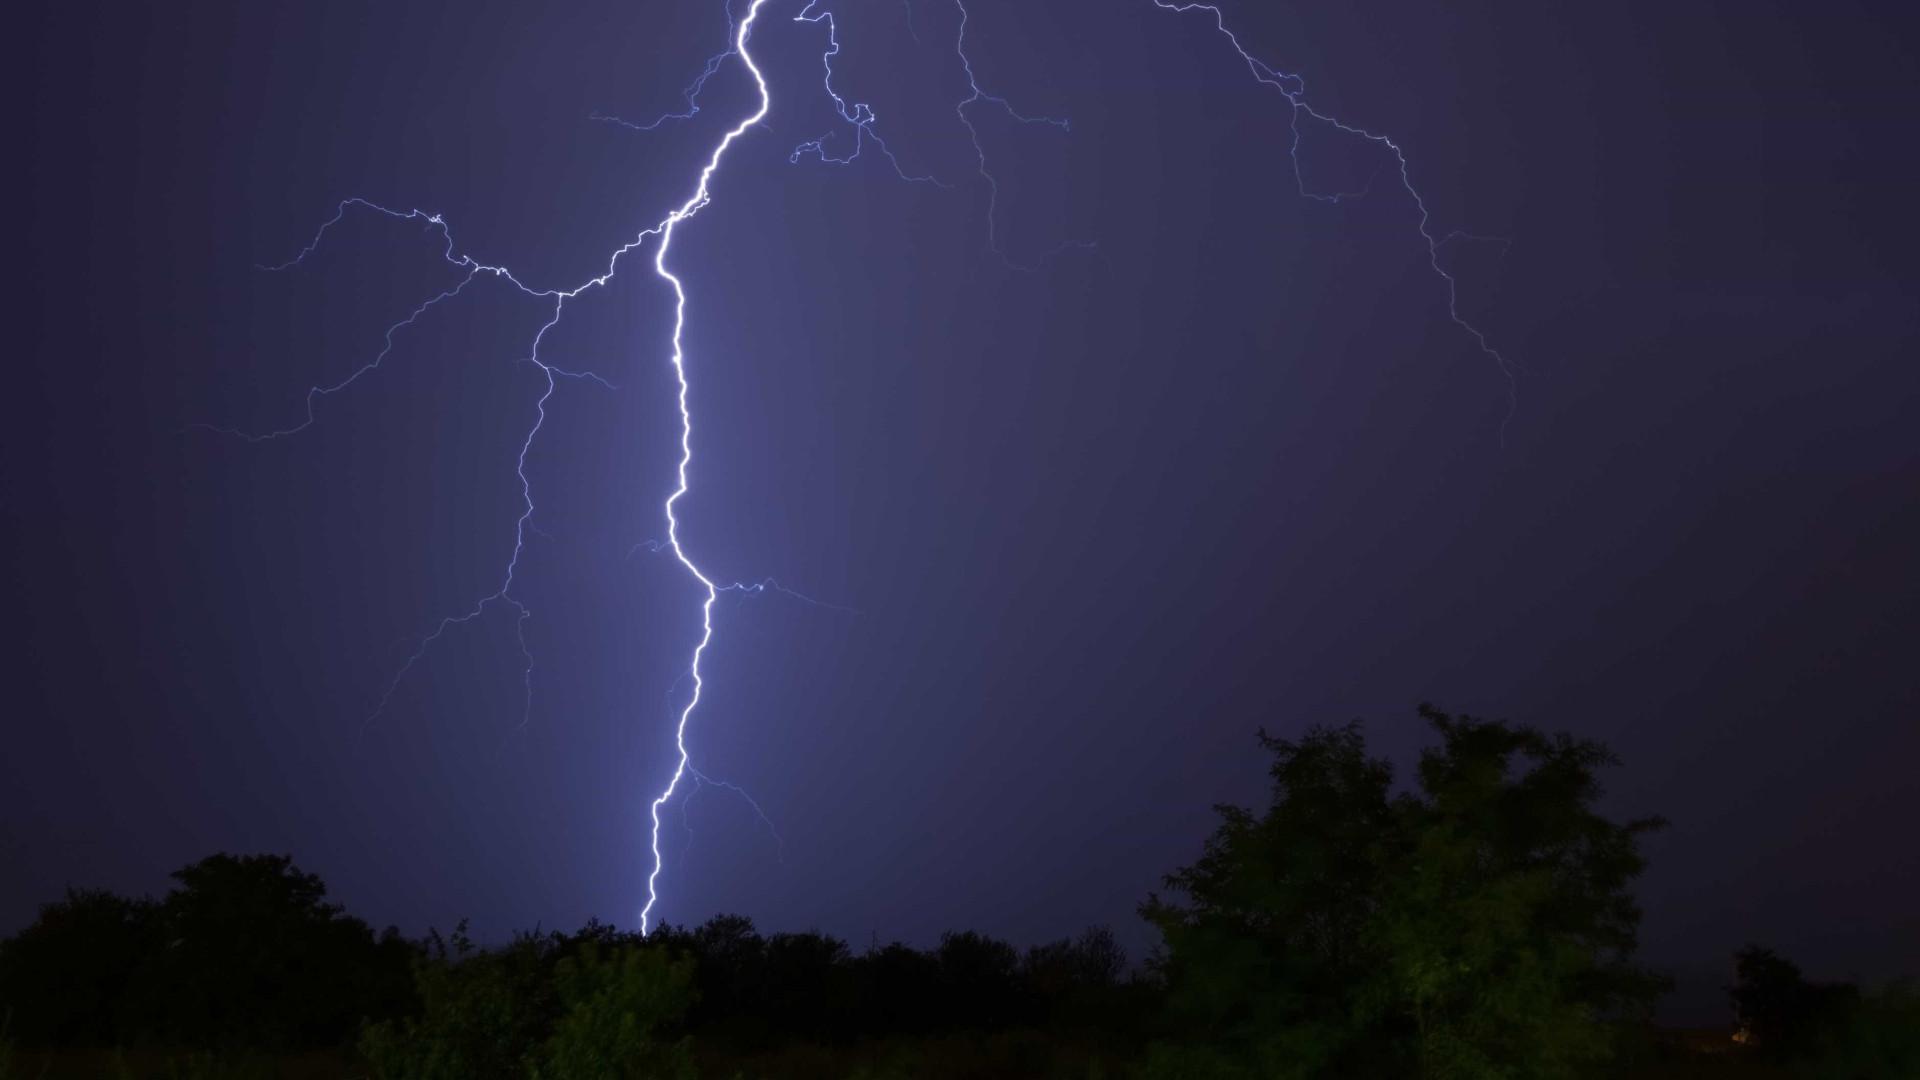 Raio atinge para-raios da Petrogal em Matosinhos e causa falha elétrica